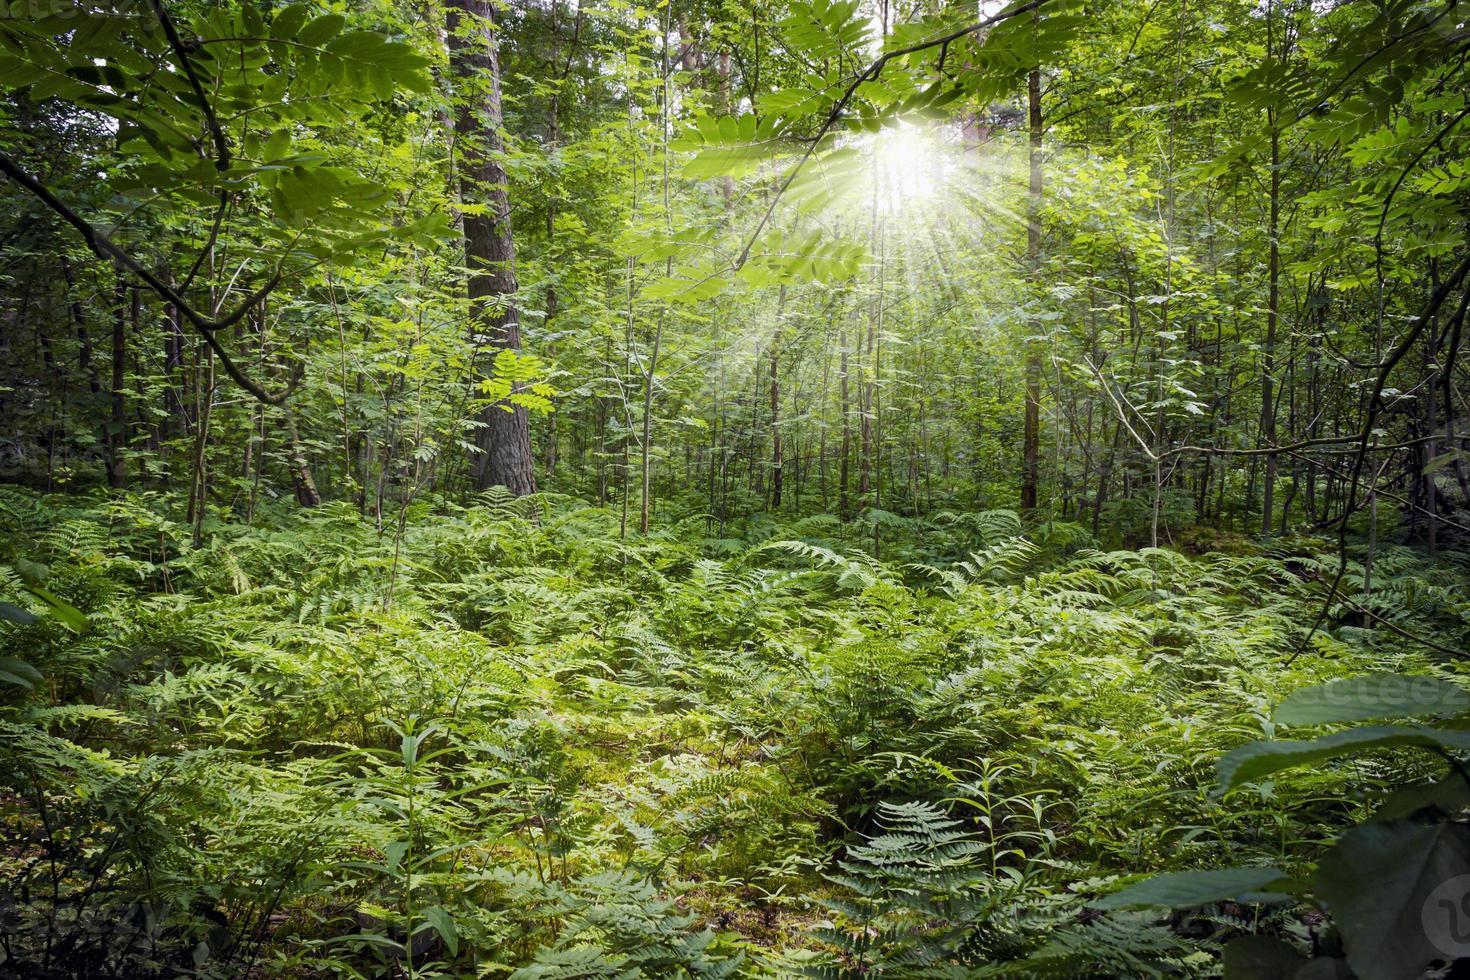 floresta grossa verde com raios de sol rompendo os galhos foto